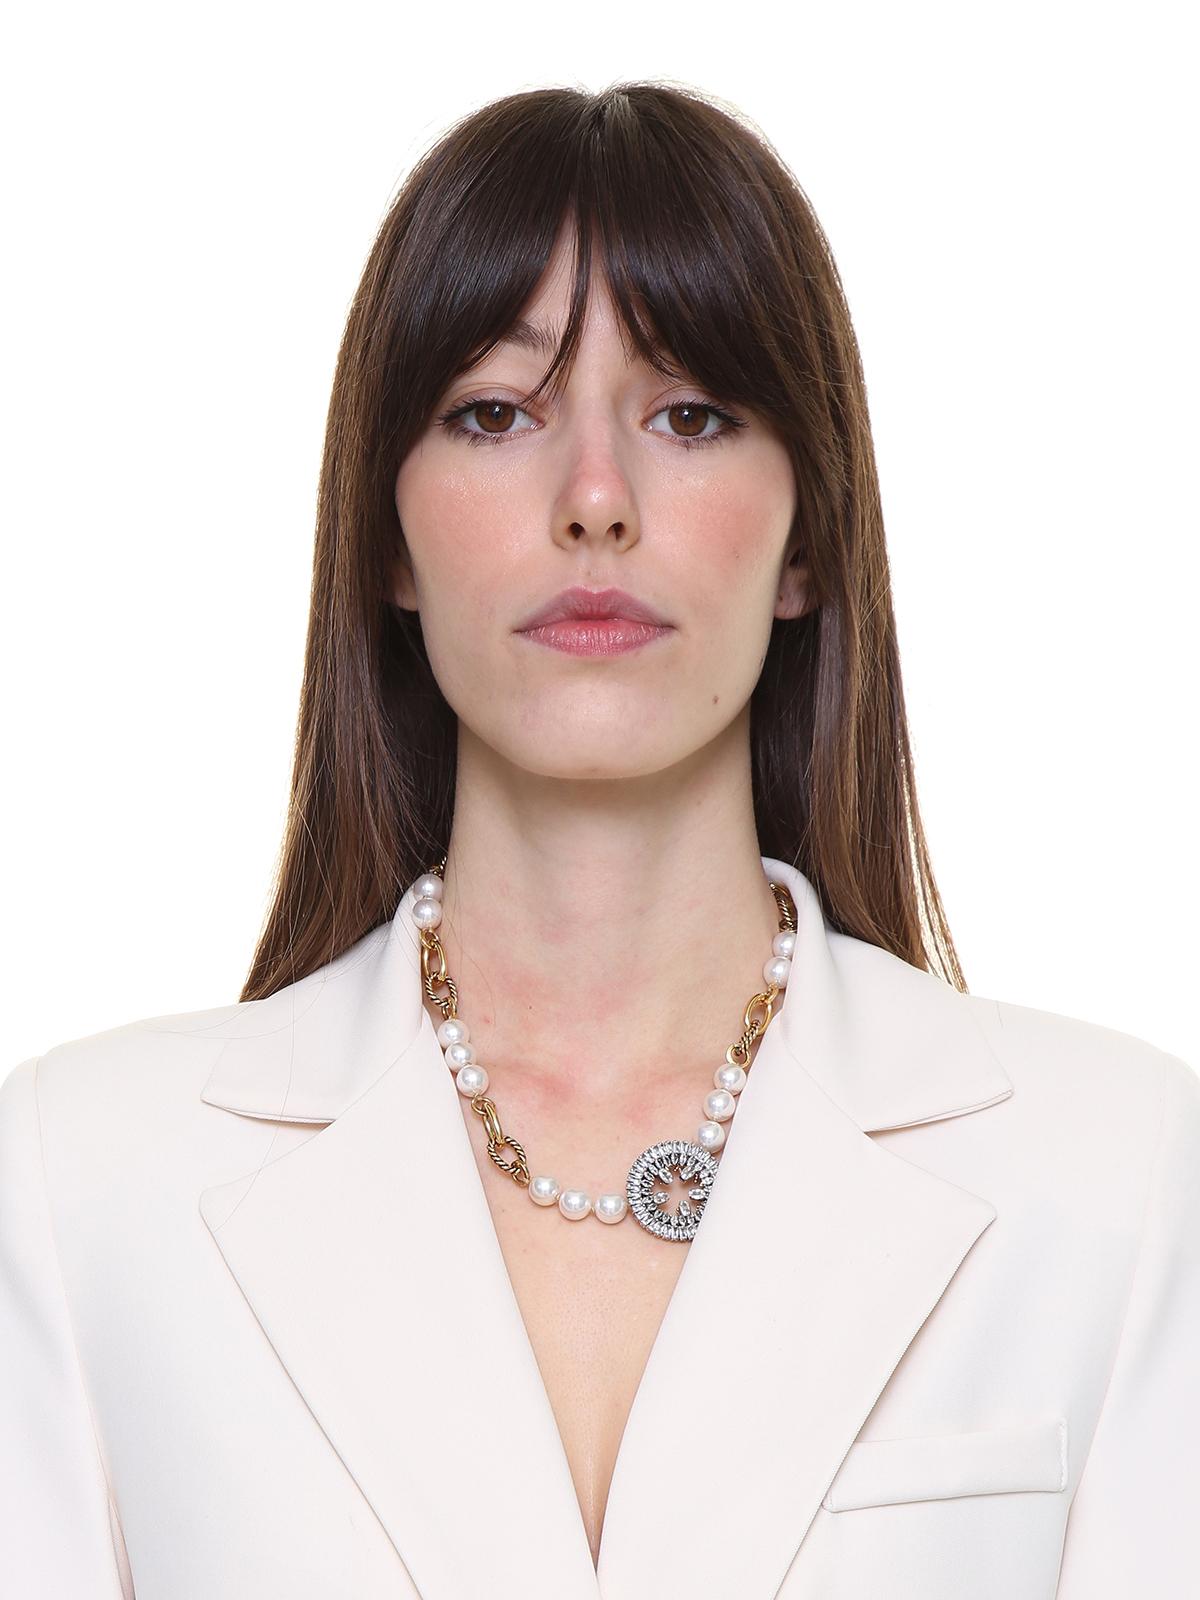 Collana di perle e catena con cerchio  gioiello ricamato con pietre cristallo